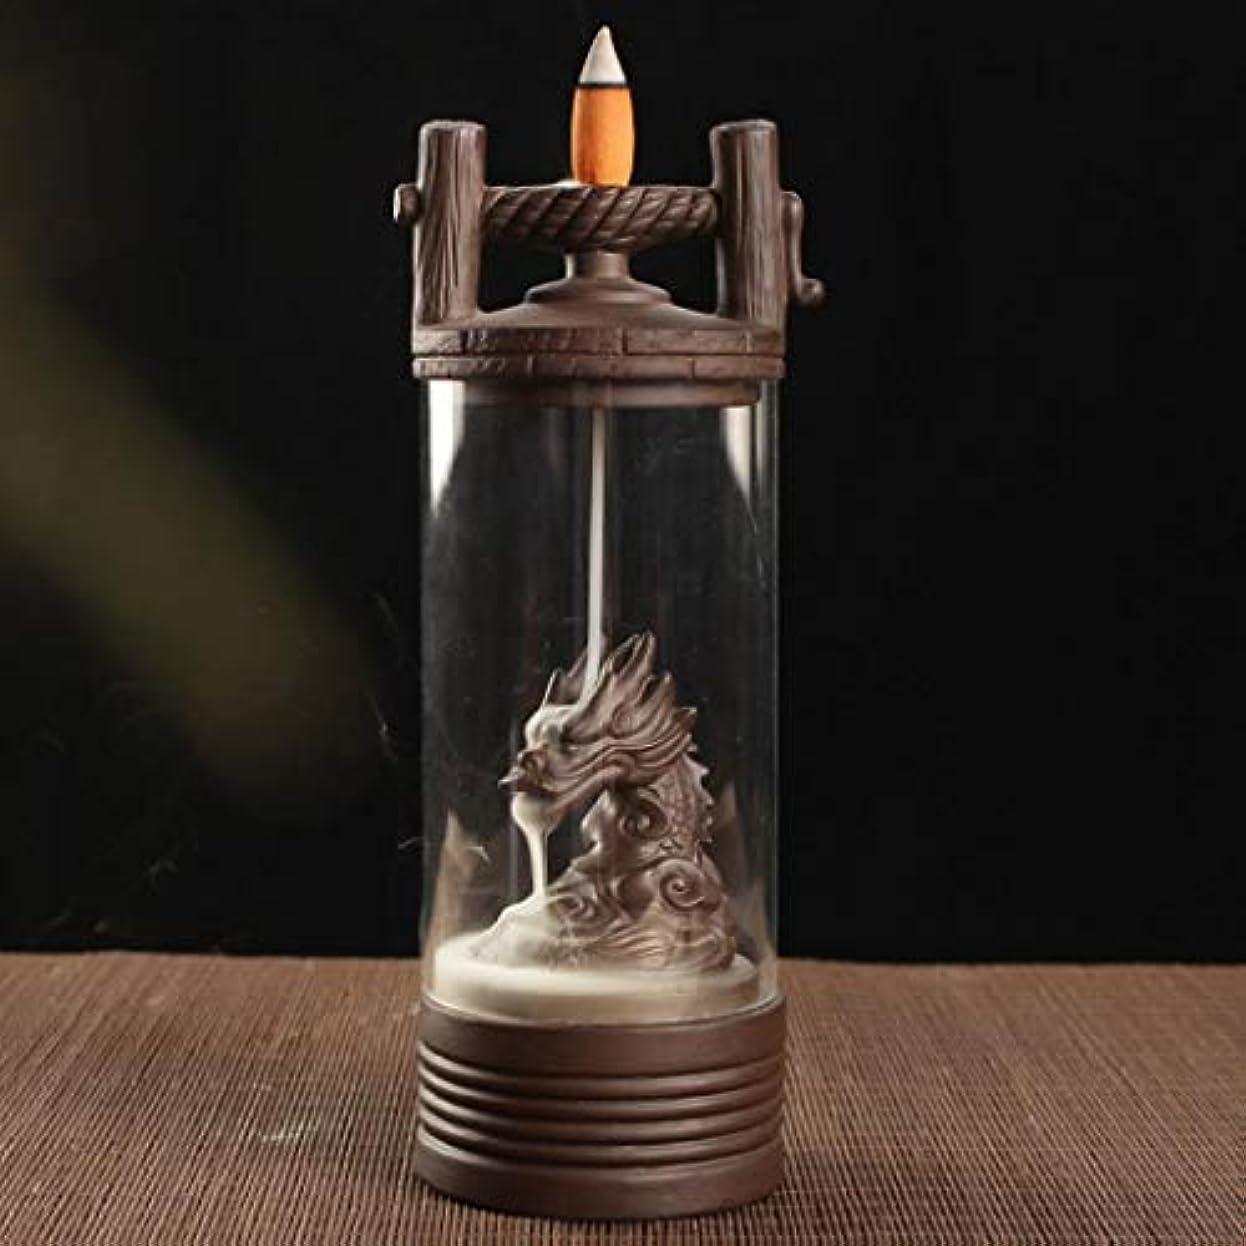 終了しました刺します適用済みAlenx ドラゴン 逆流香立て 家庭用香炉 逆流香10個付き 陶器香炉 香炉 ブラウン USZVTBO644722